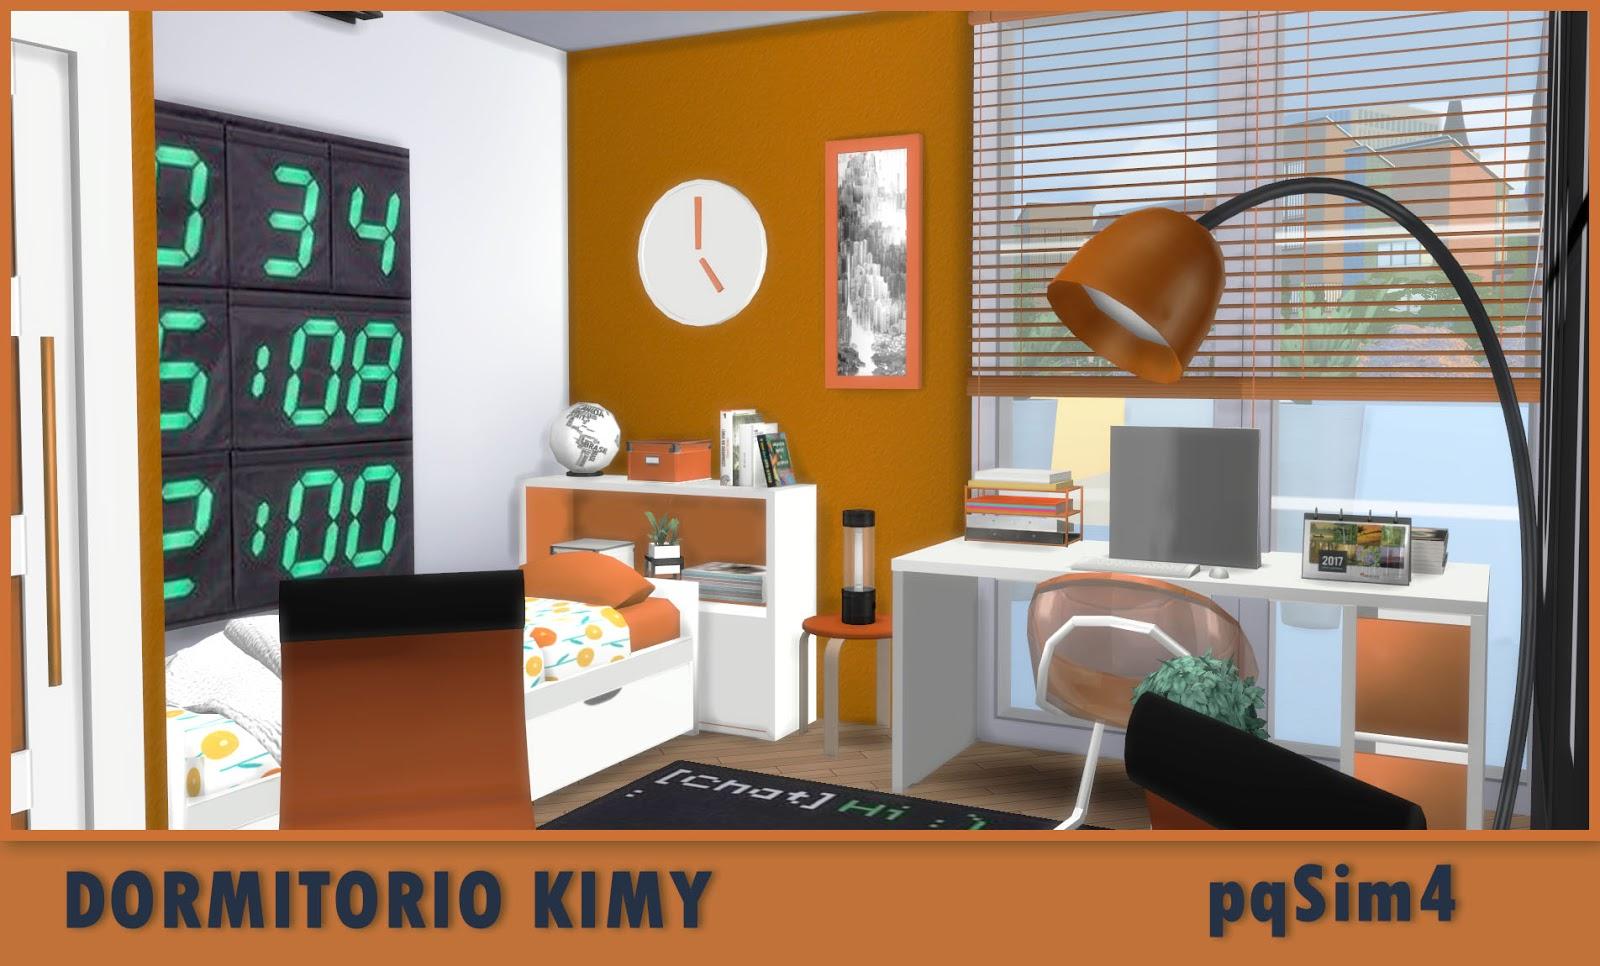 Dormitorio kimy sims 4 custom content for Dormitorio sims 4